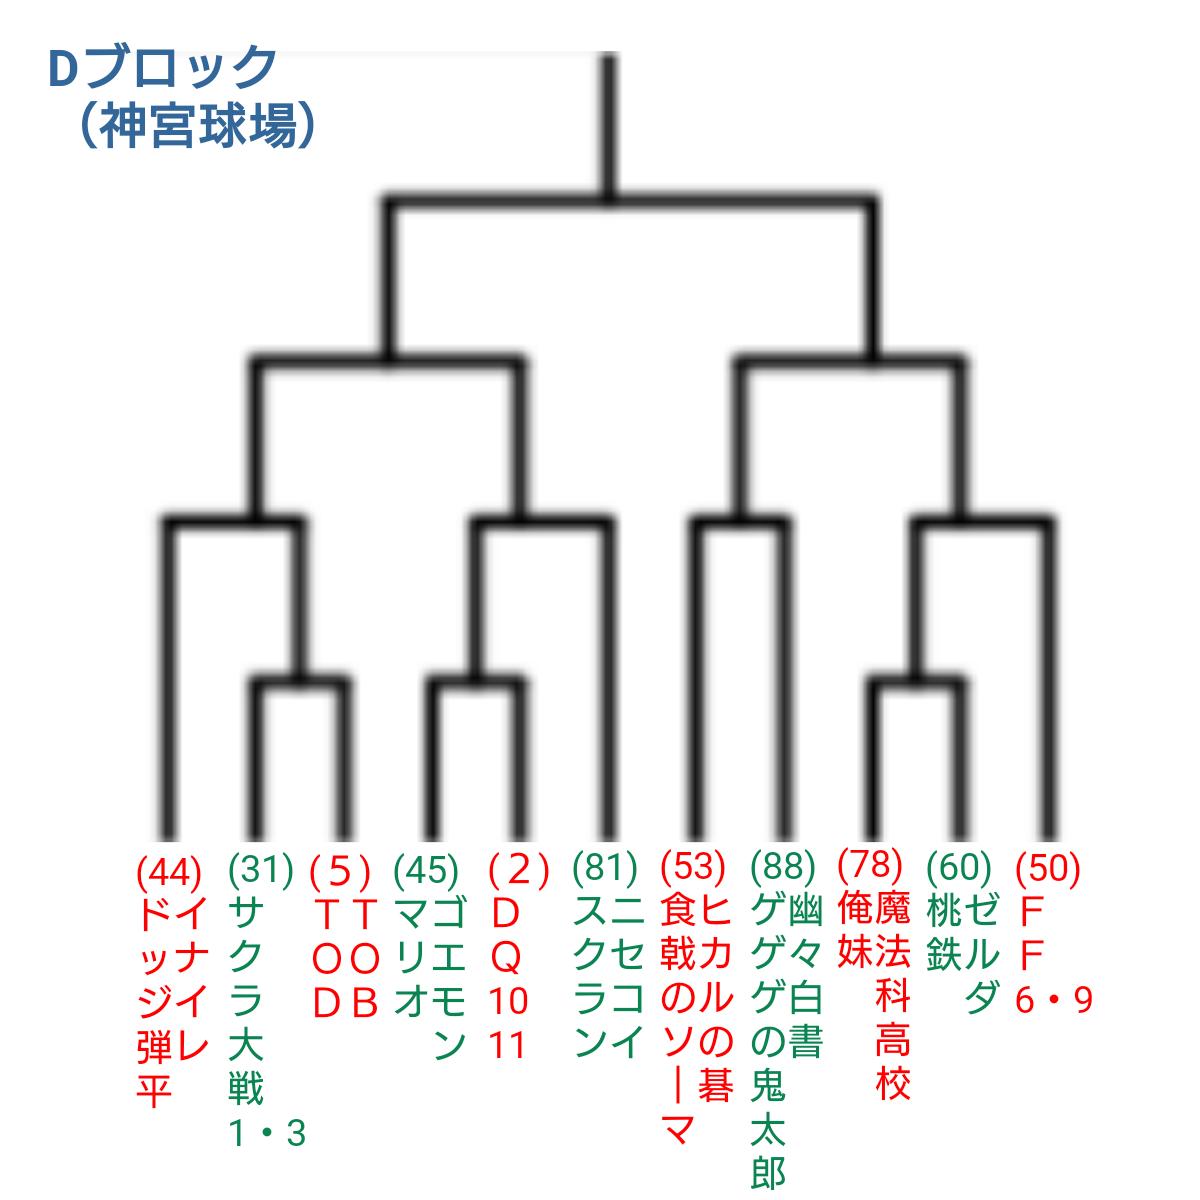 f:id:kinokomagic:20201230021700p:plain